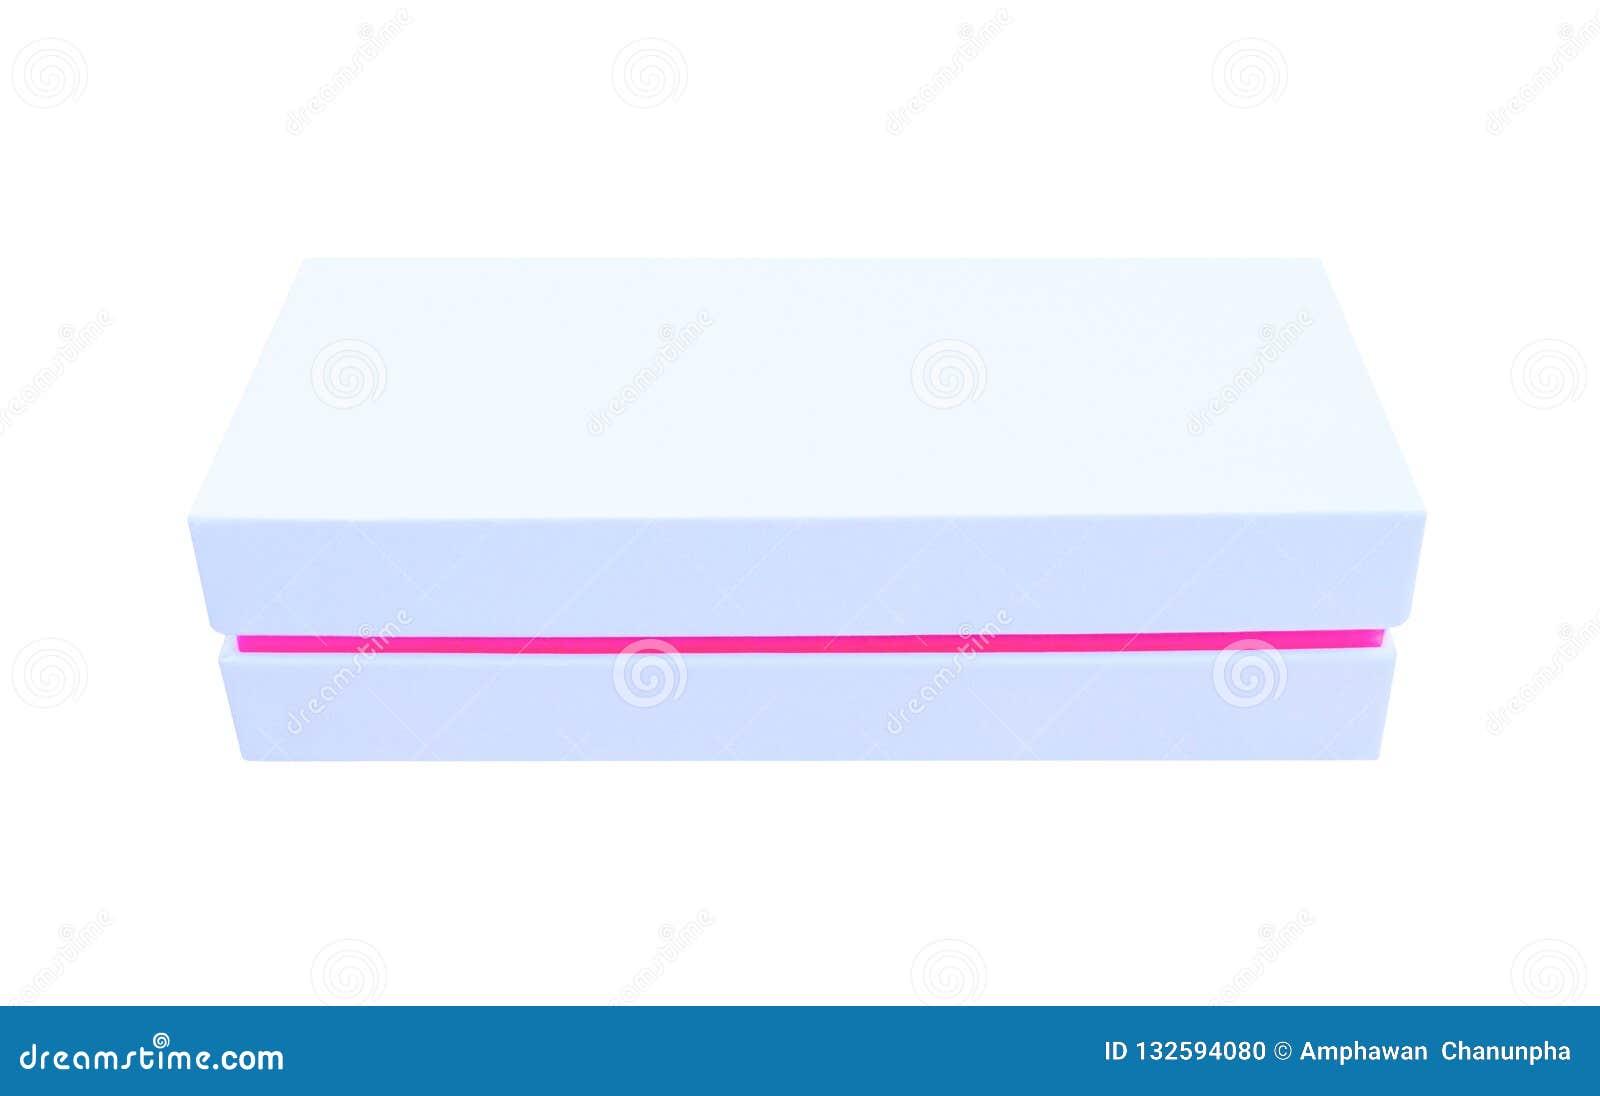 Feche acima do molde vazio branco ou cinzento da caixa com linha testes padrões da beira do rosa isolados no fundo branco, horizo